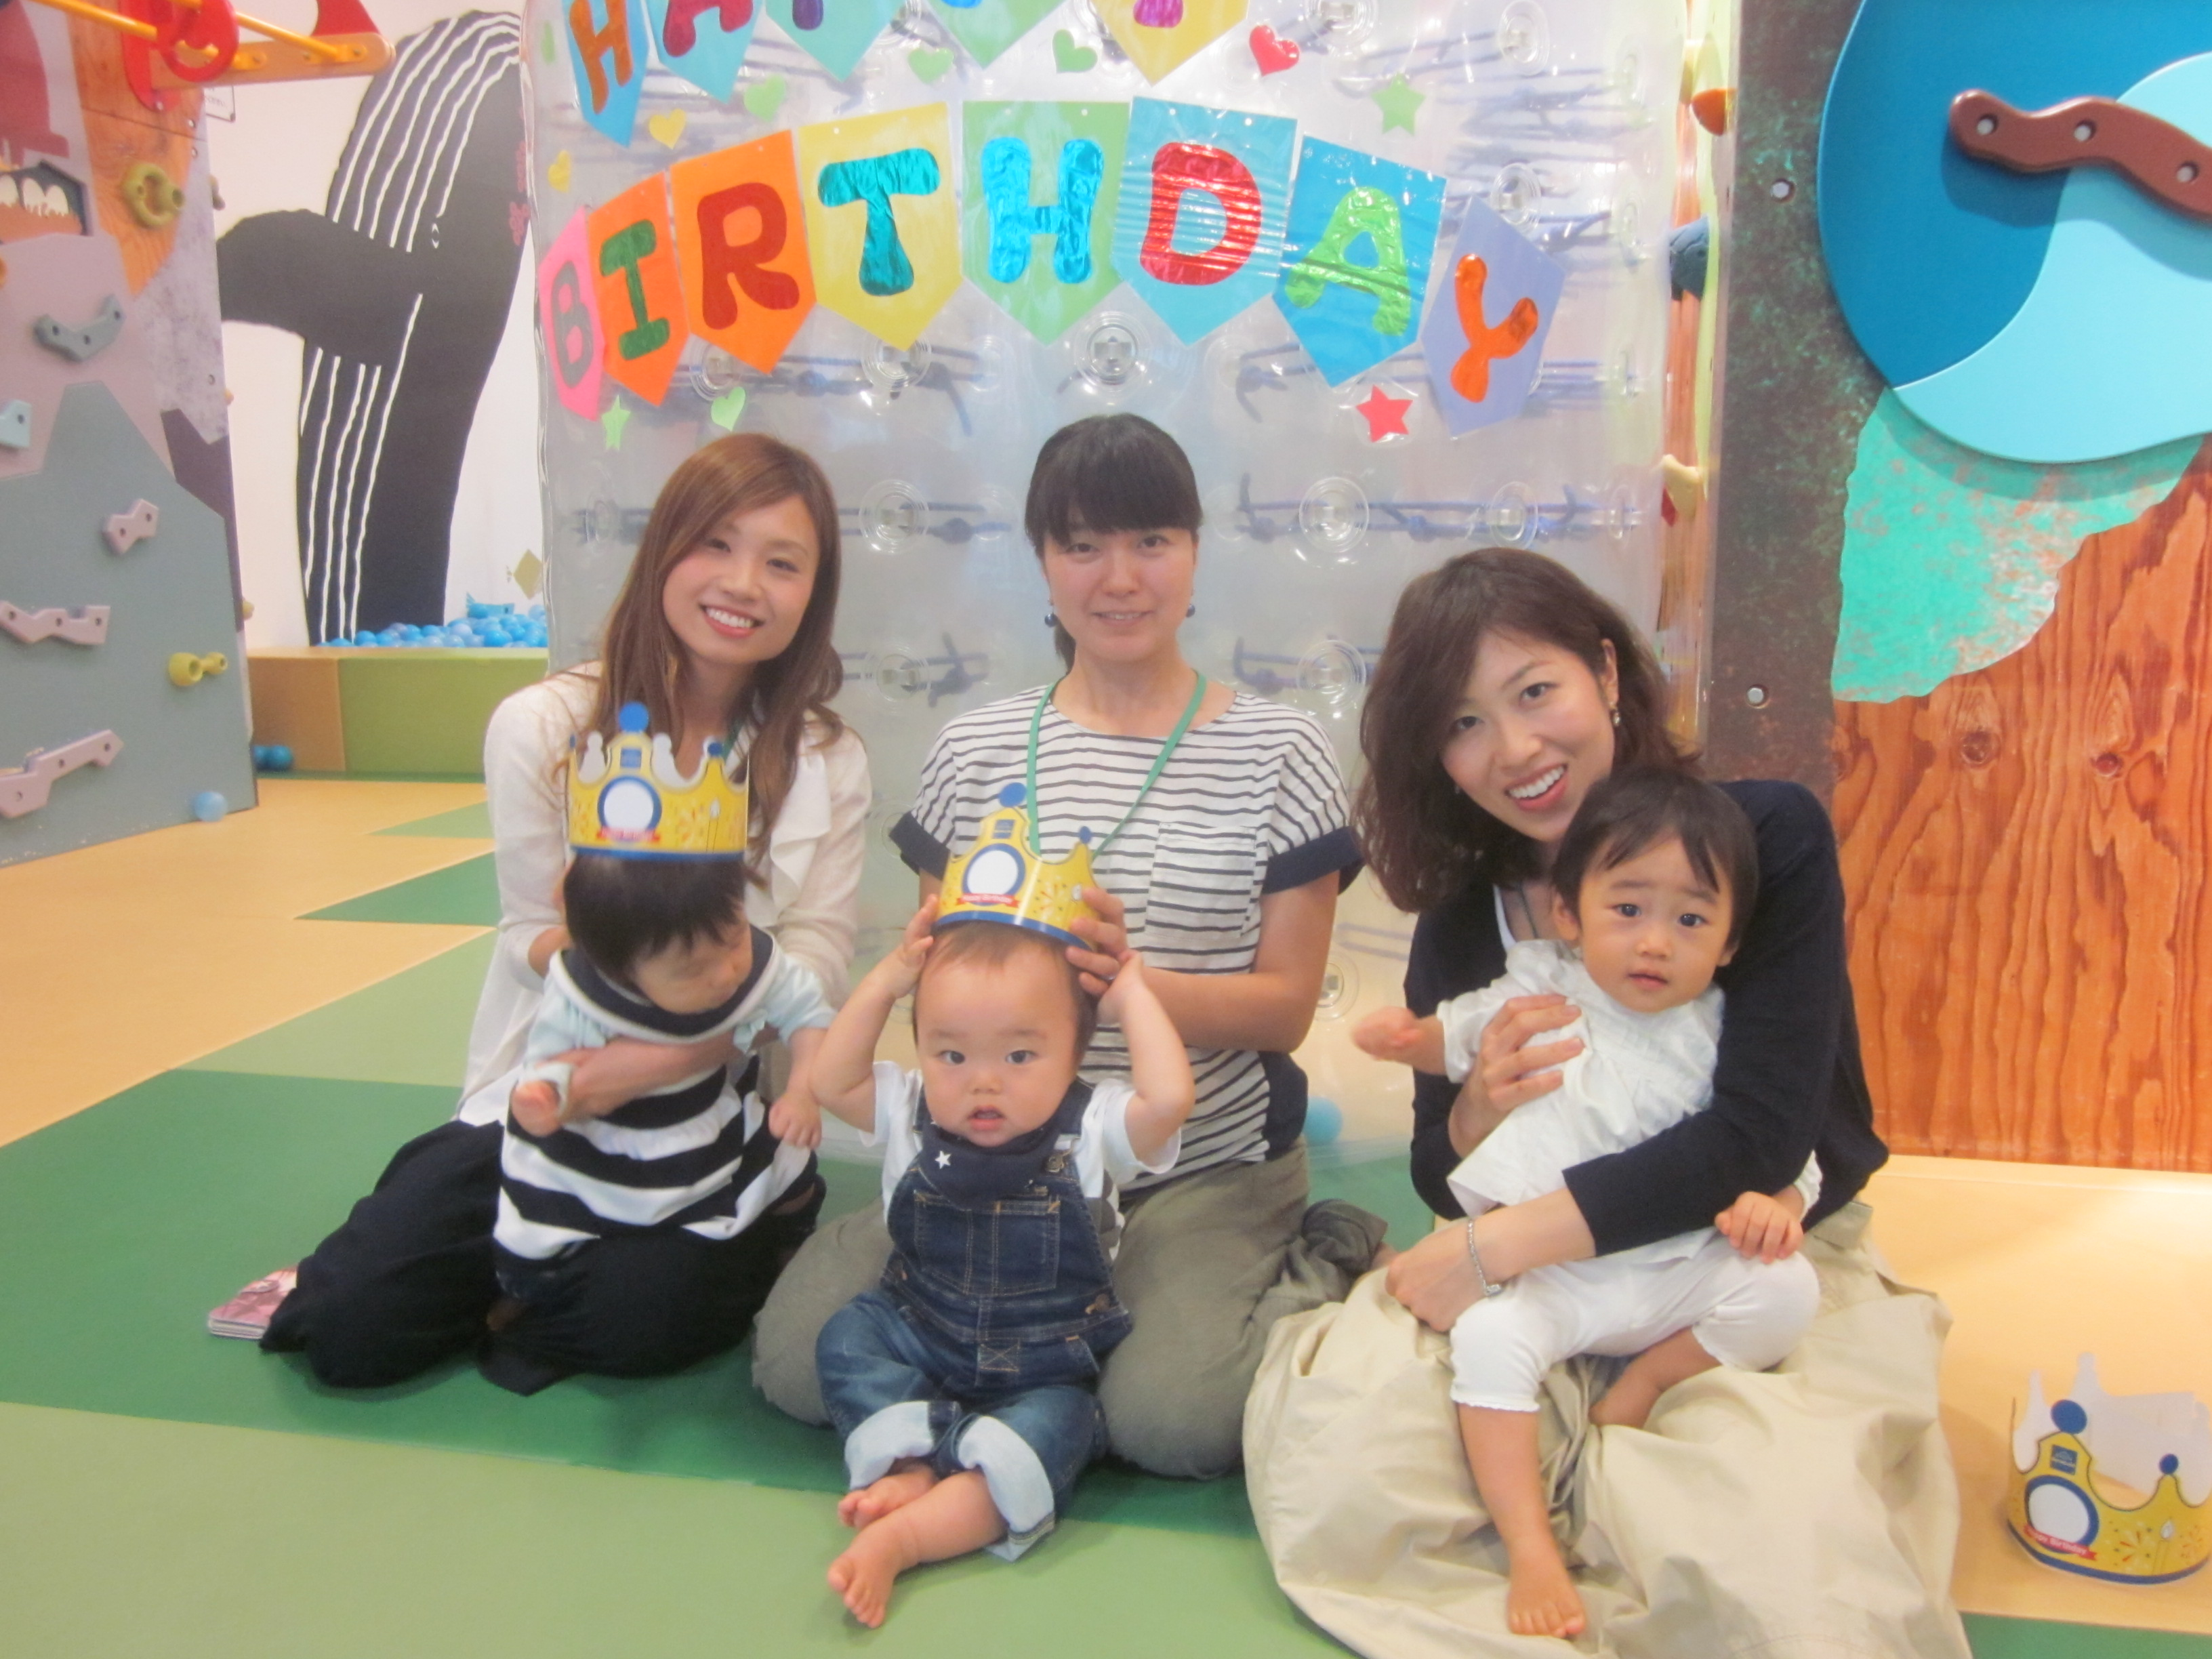 9月20日 お誕生日会を行いました!